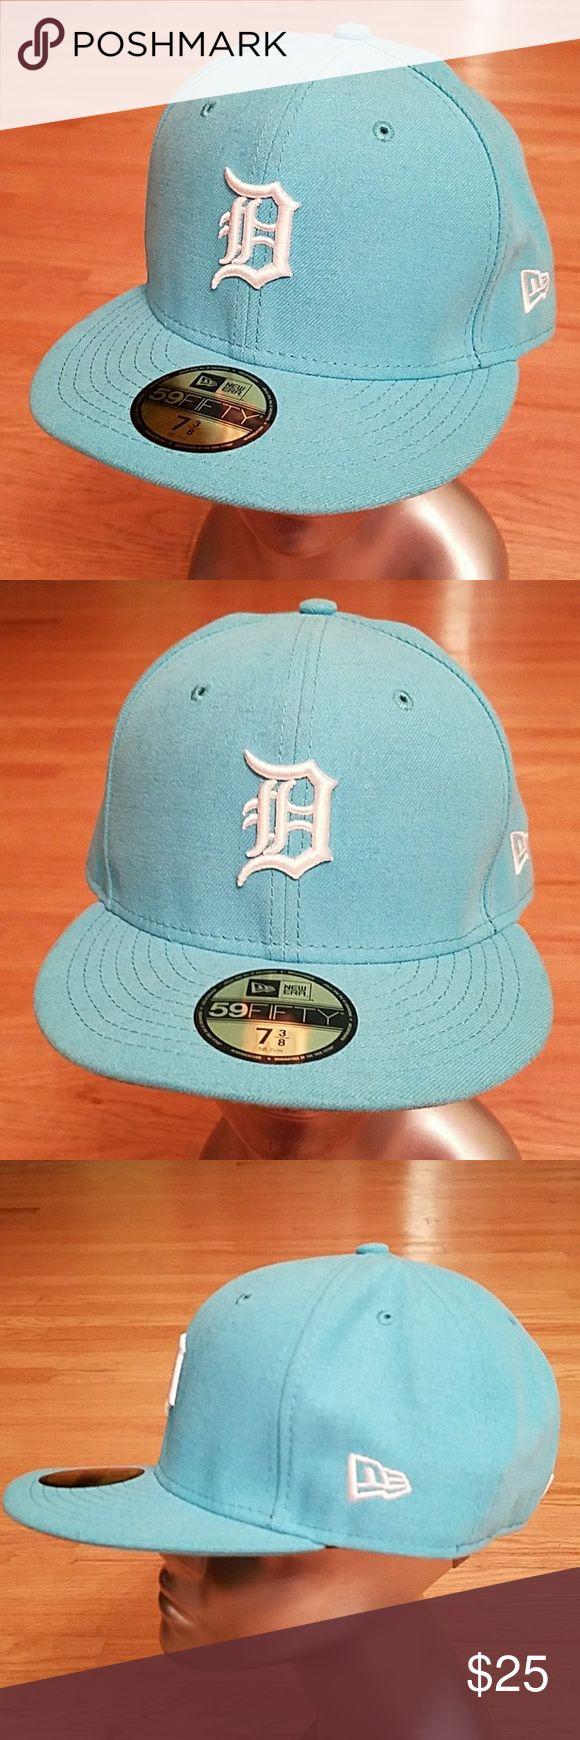 6b667d96640 ... new arrivals mlb new era detroit tigers aqua blue fitted cap 7 3 8  boutique 68961